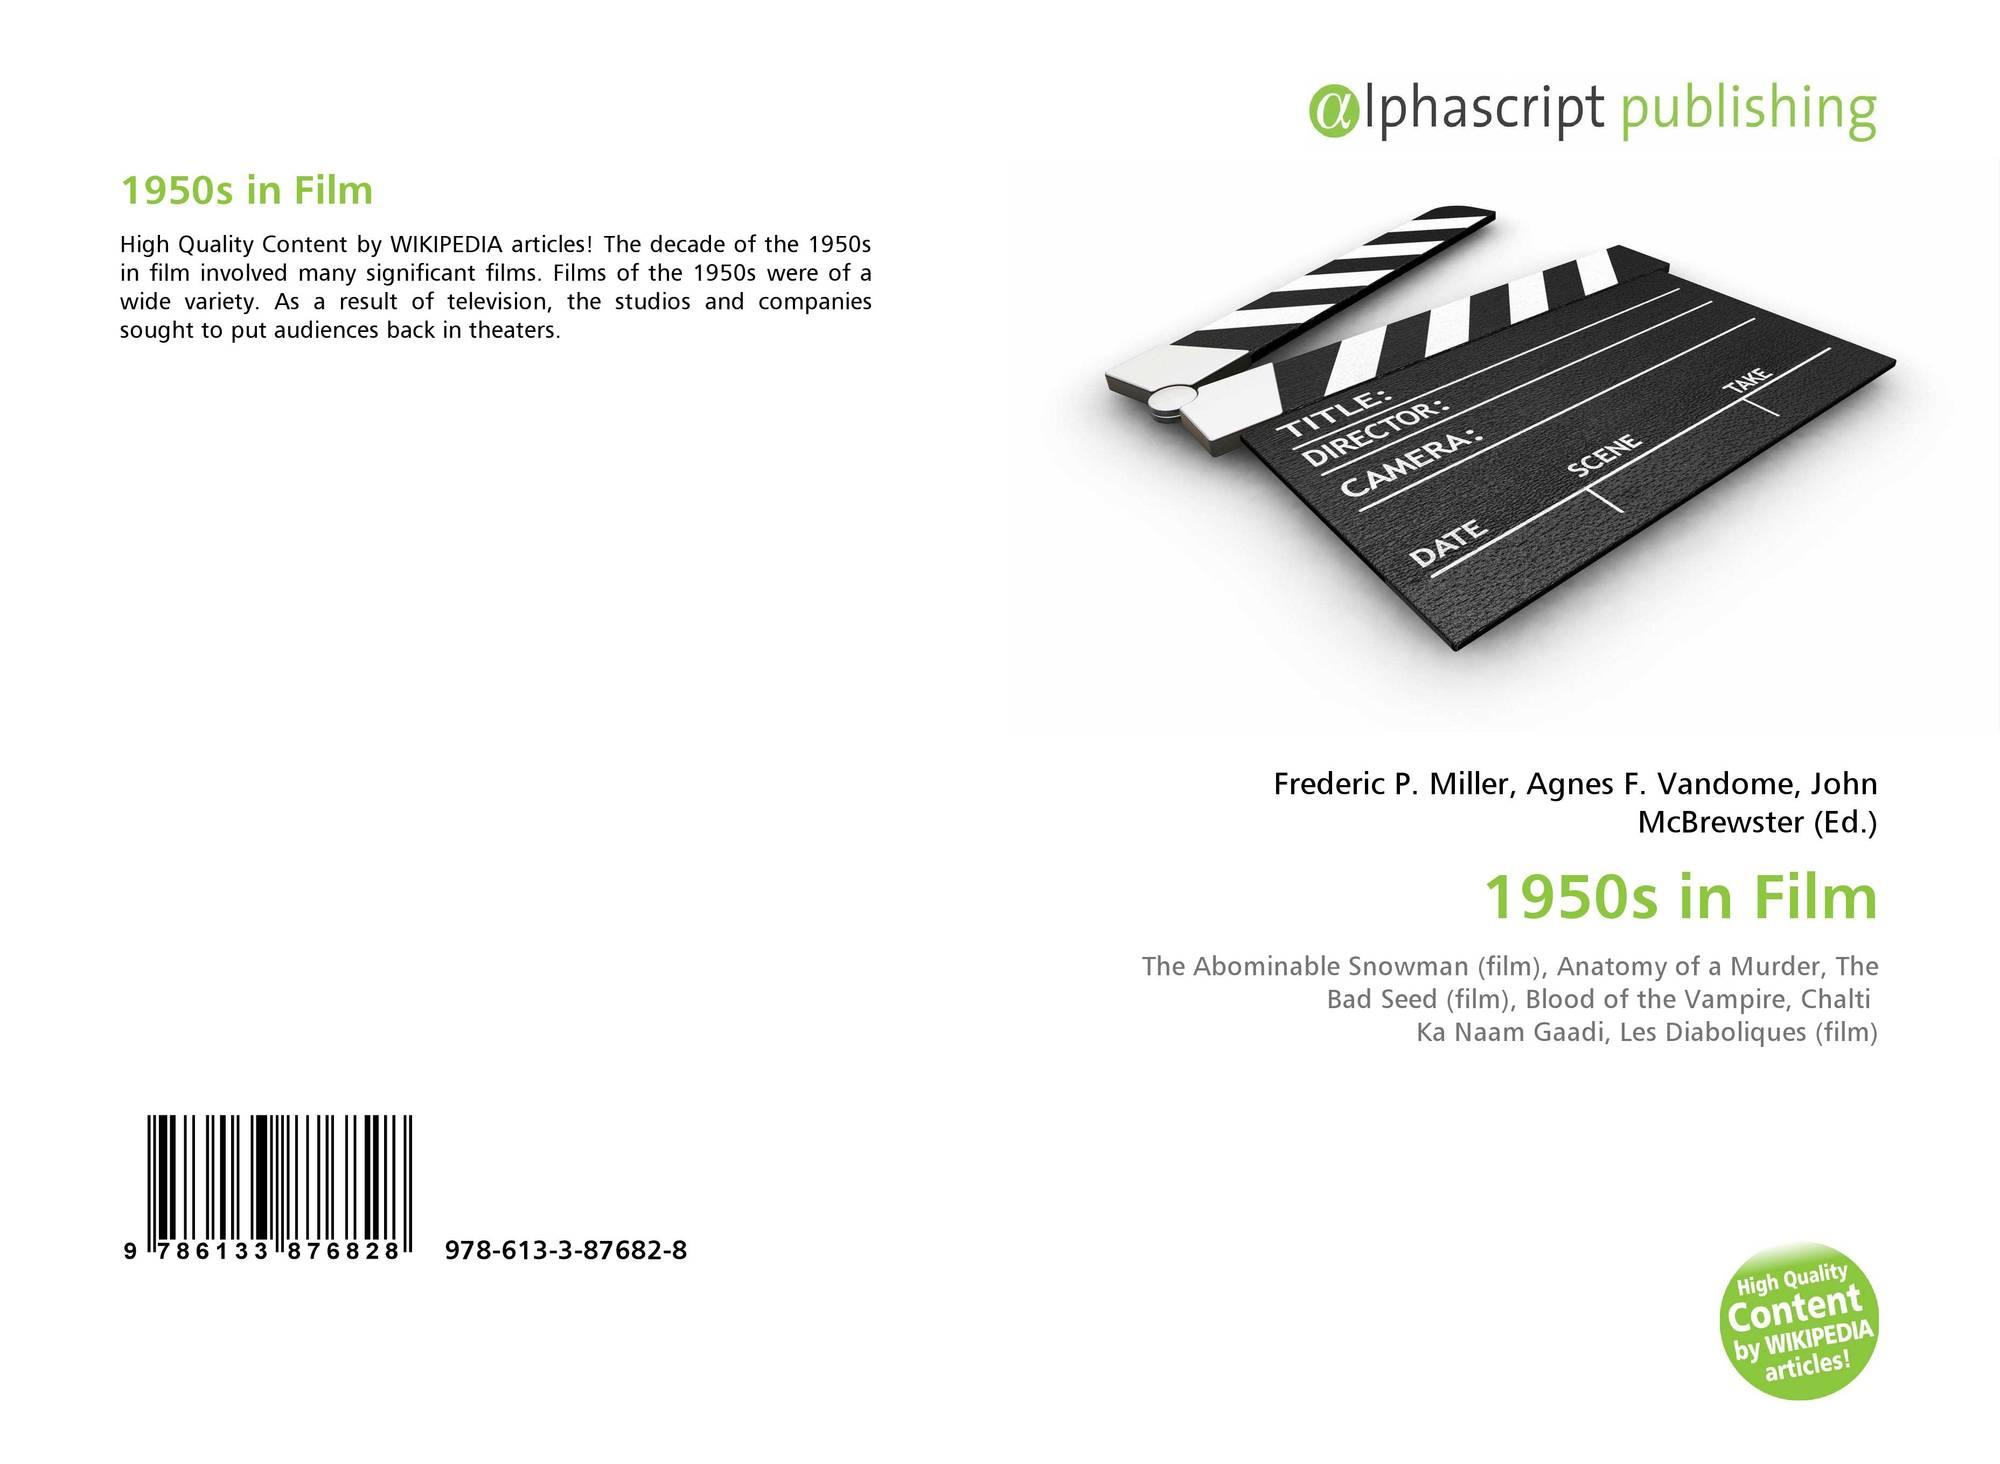 1950s in Film, 978-613-3-87682-8, 6133876824 ,9786133876828